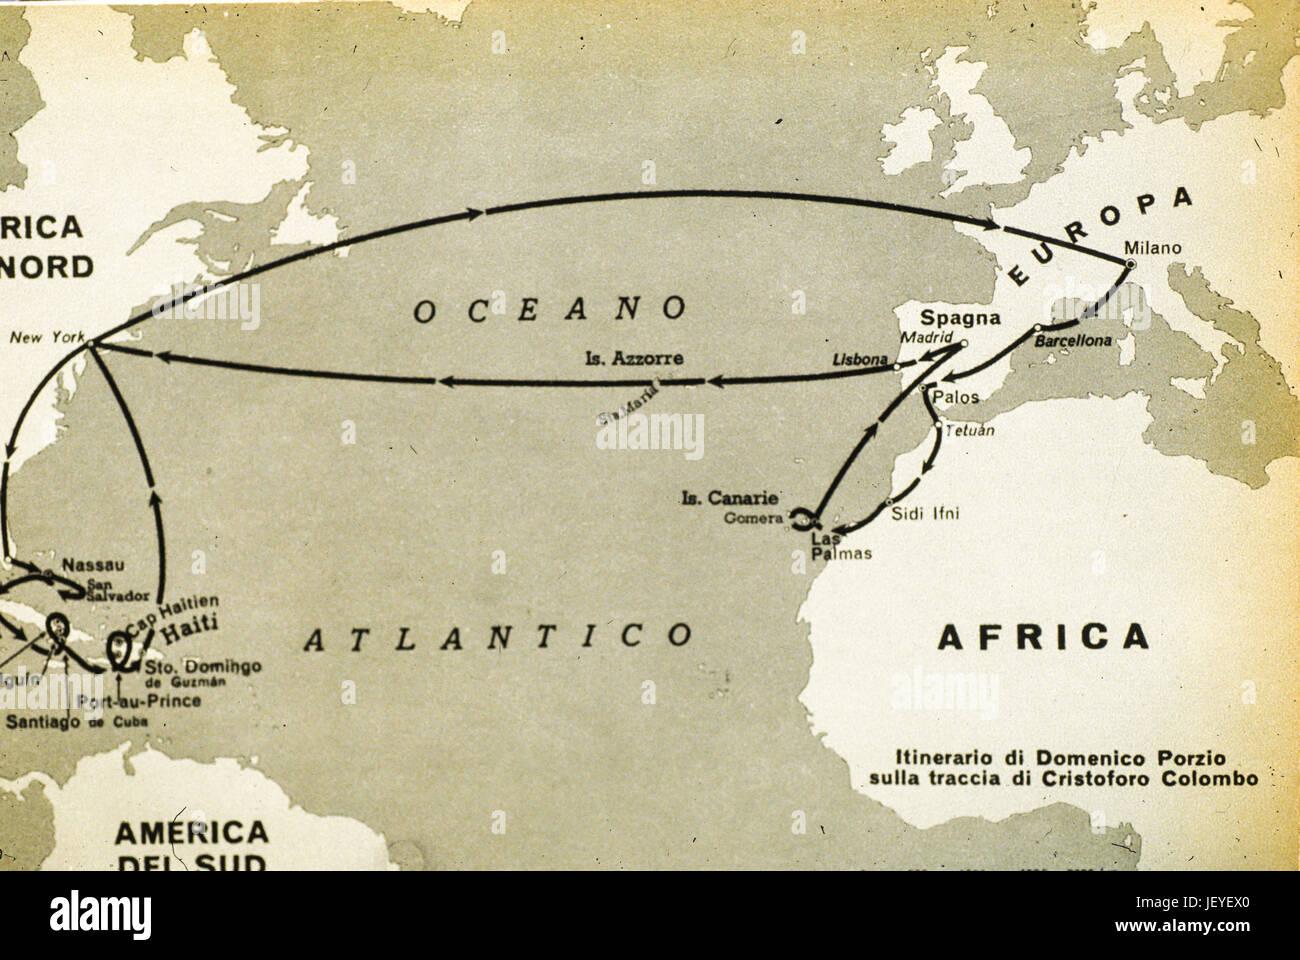 Route der ersten Reise von Christopher Columbus 1492 ...